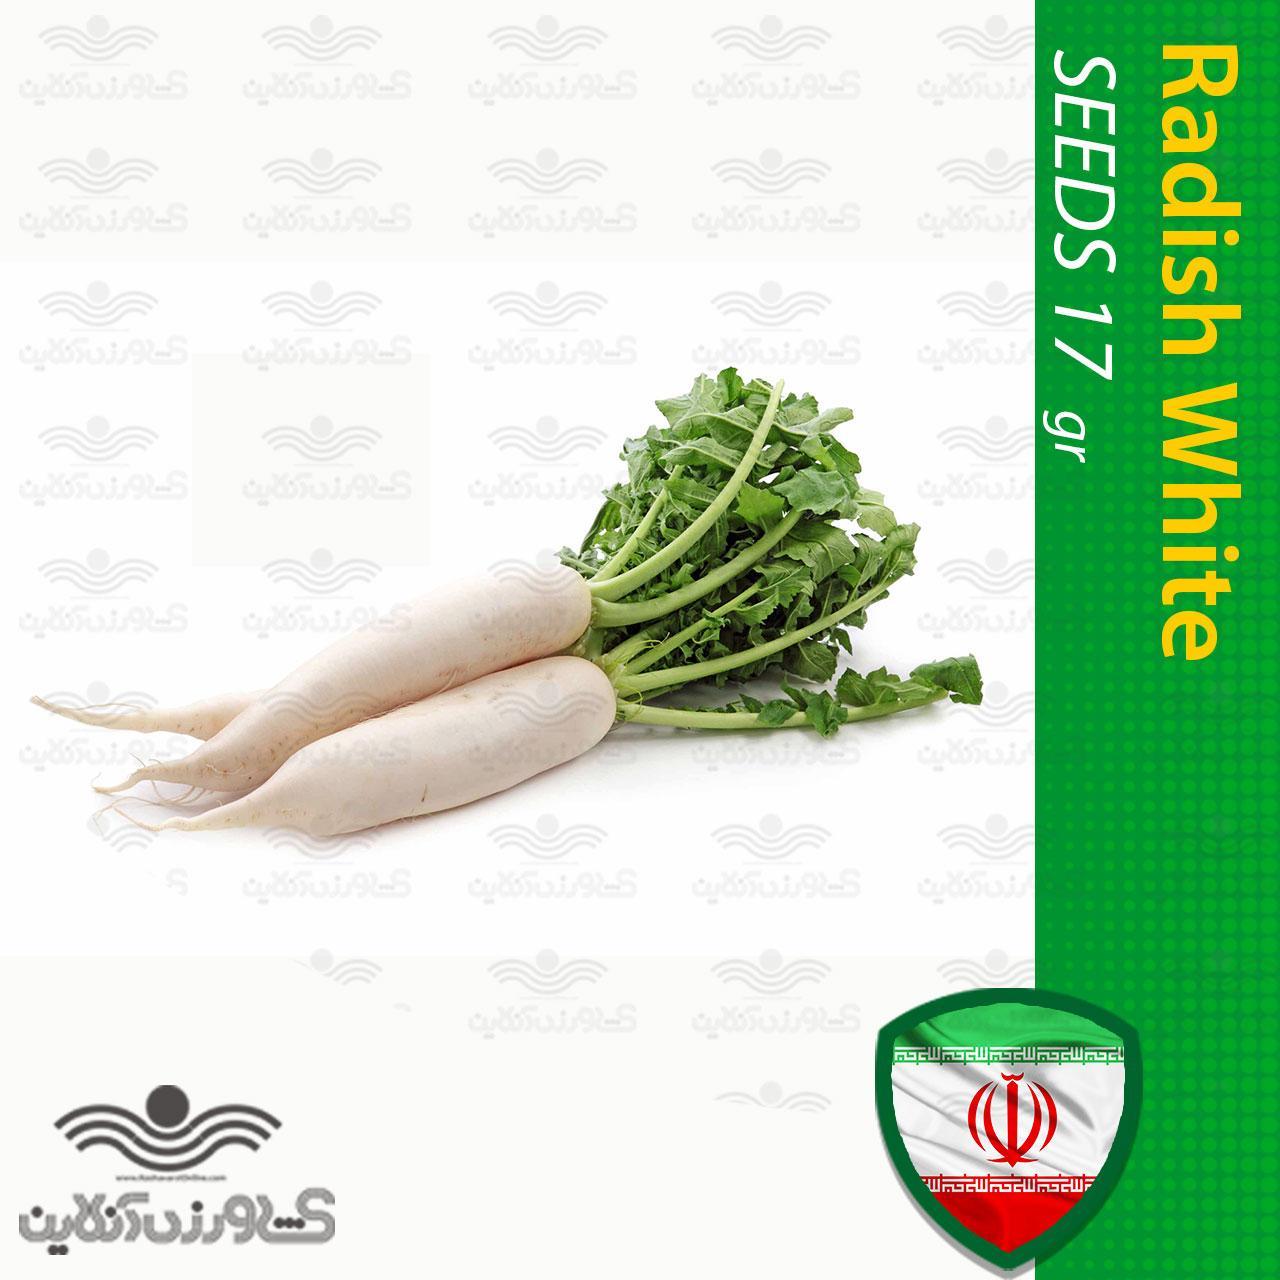 بذر ترب سفید کشیده خانگی و روش کاشت ترب